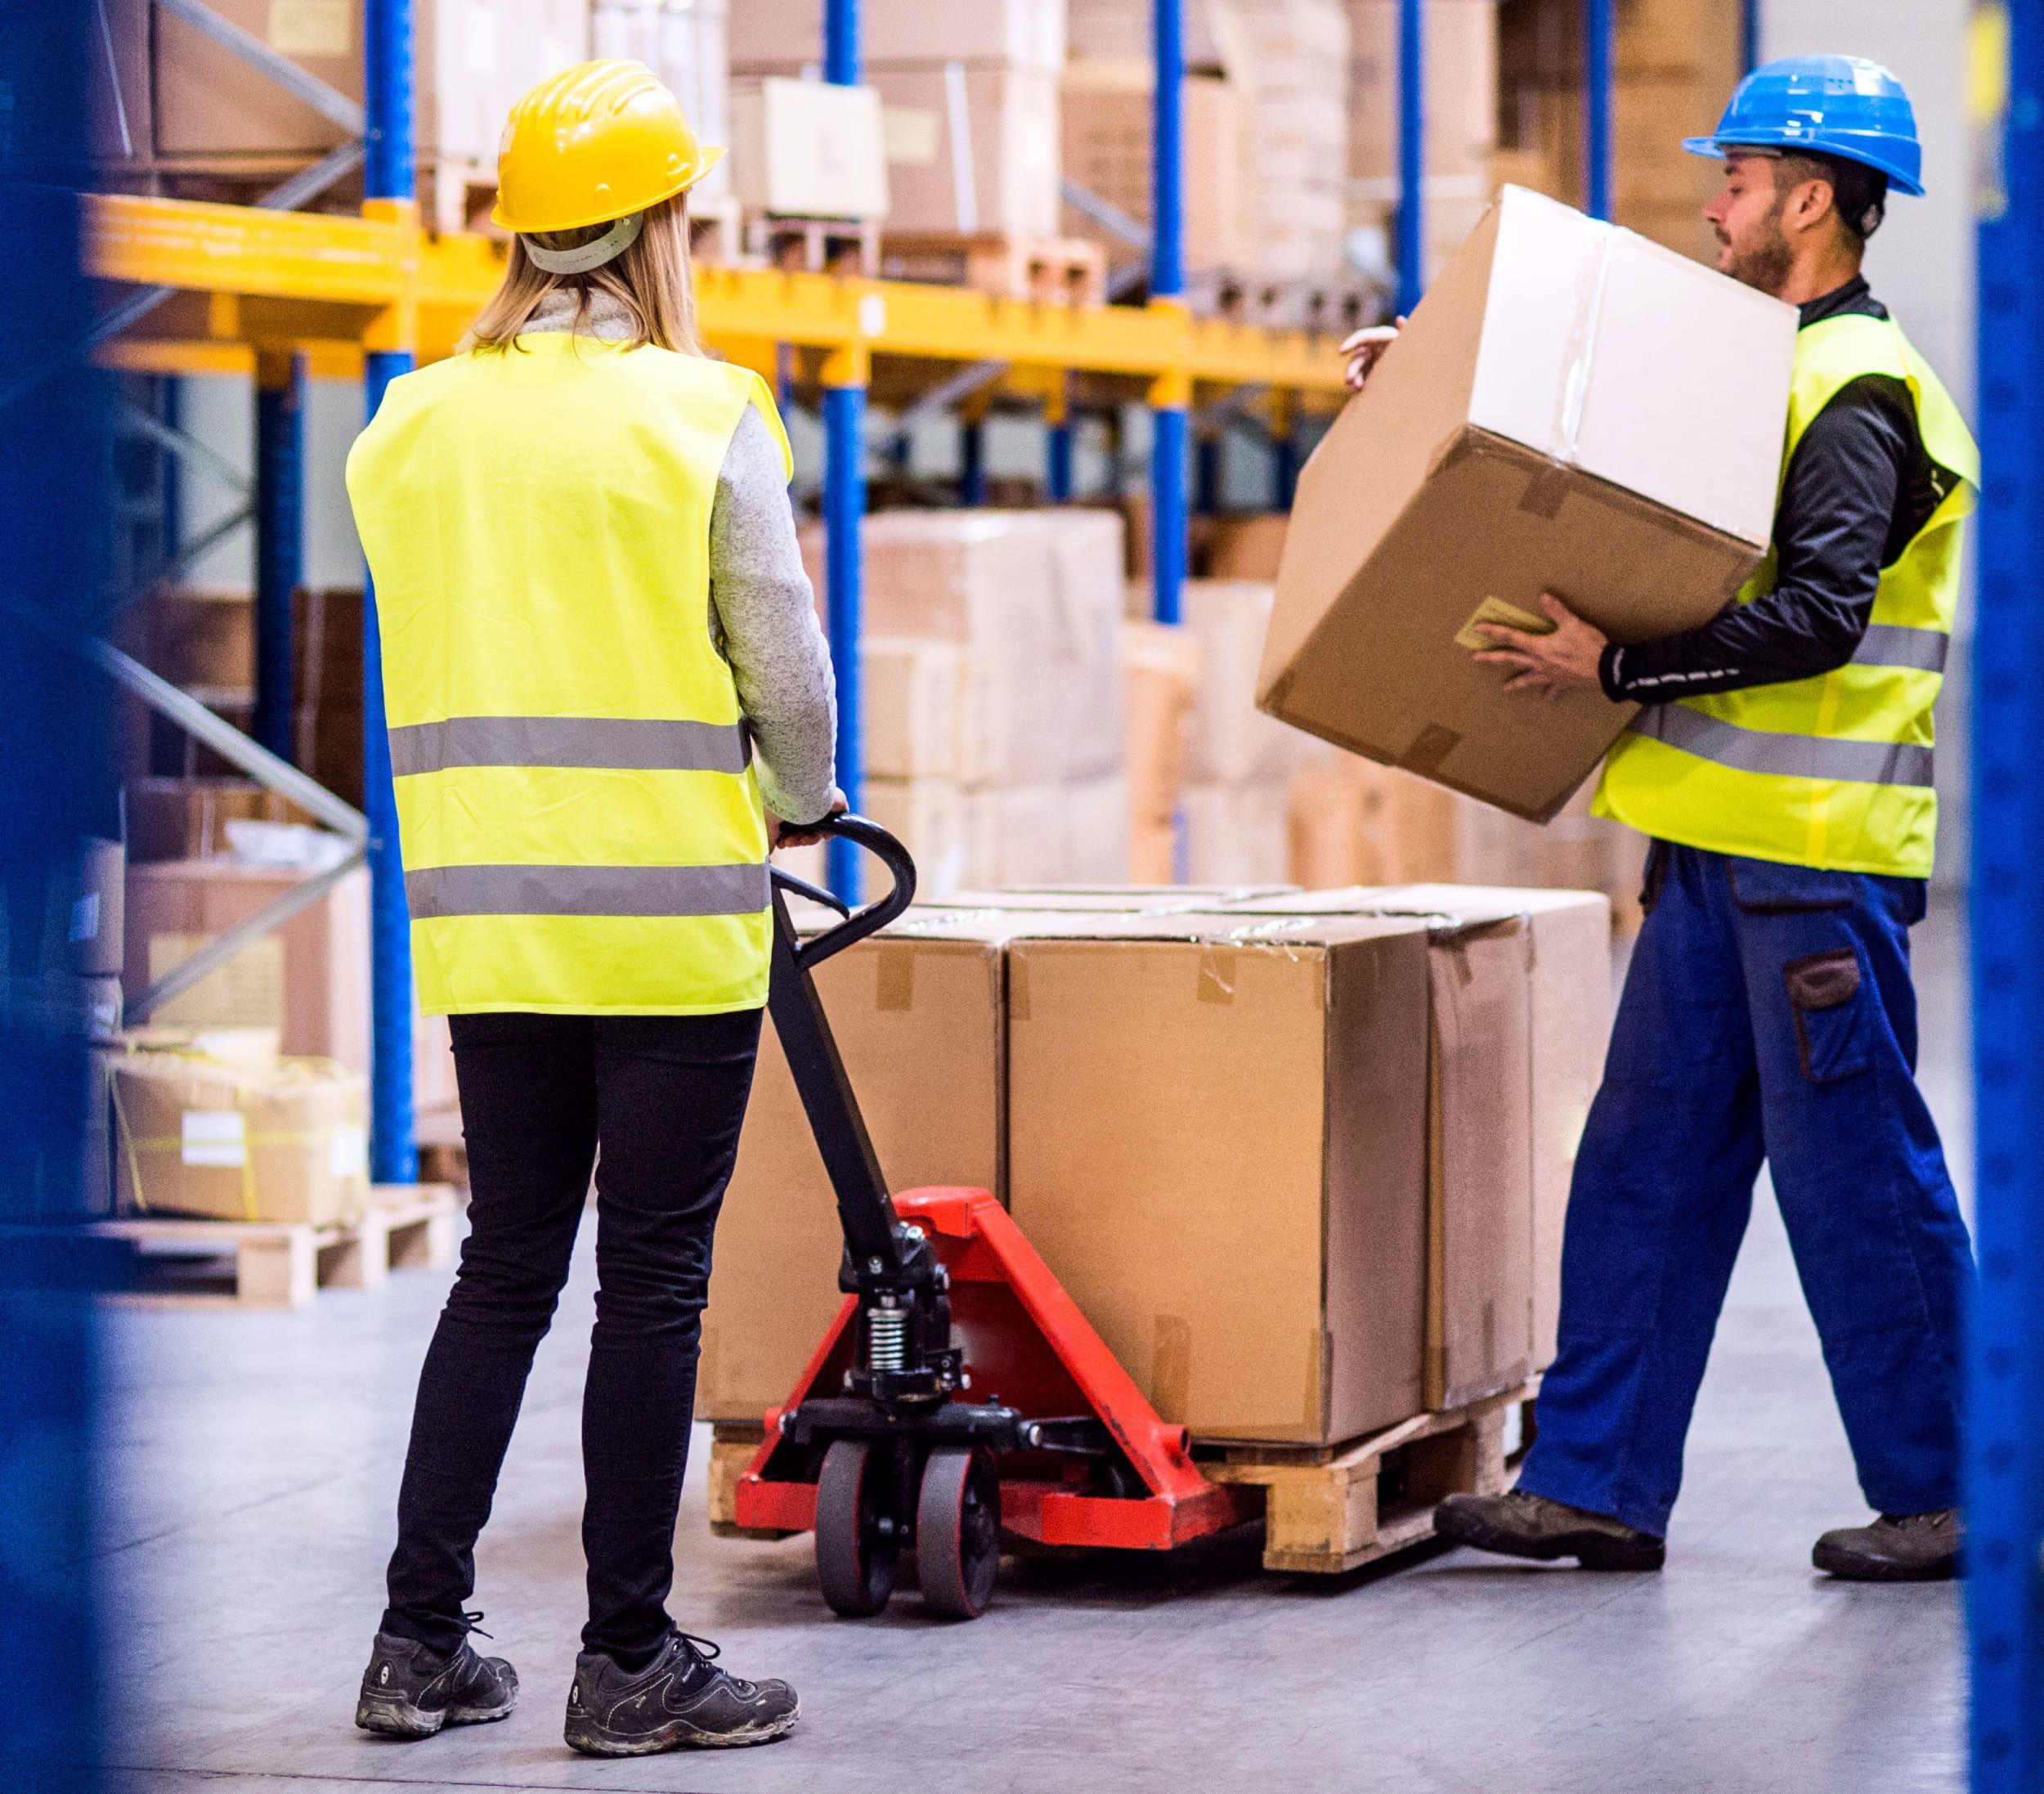 Fotografia Trabajadores en un almacén trabajando con EPIs